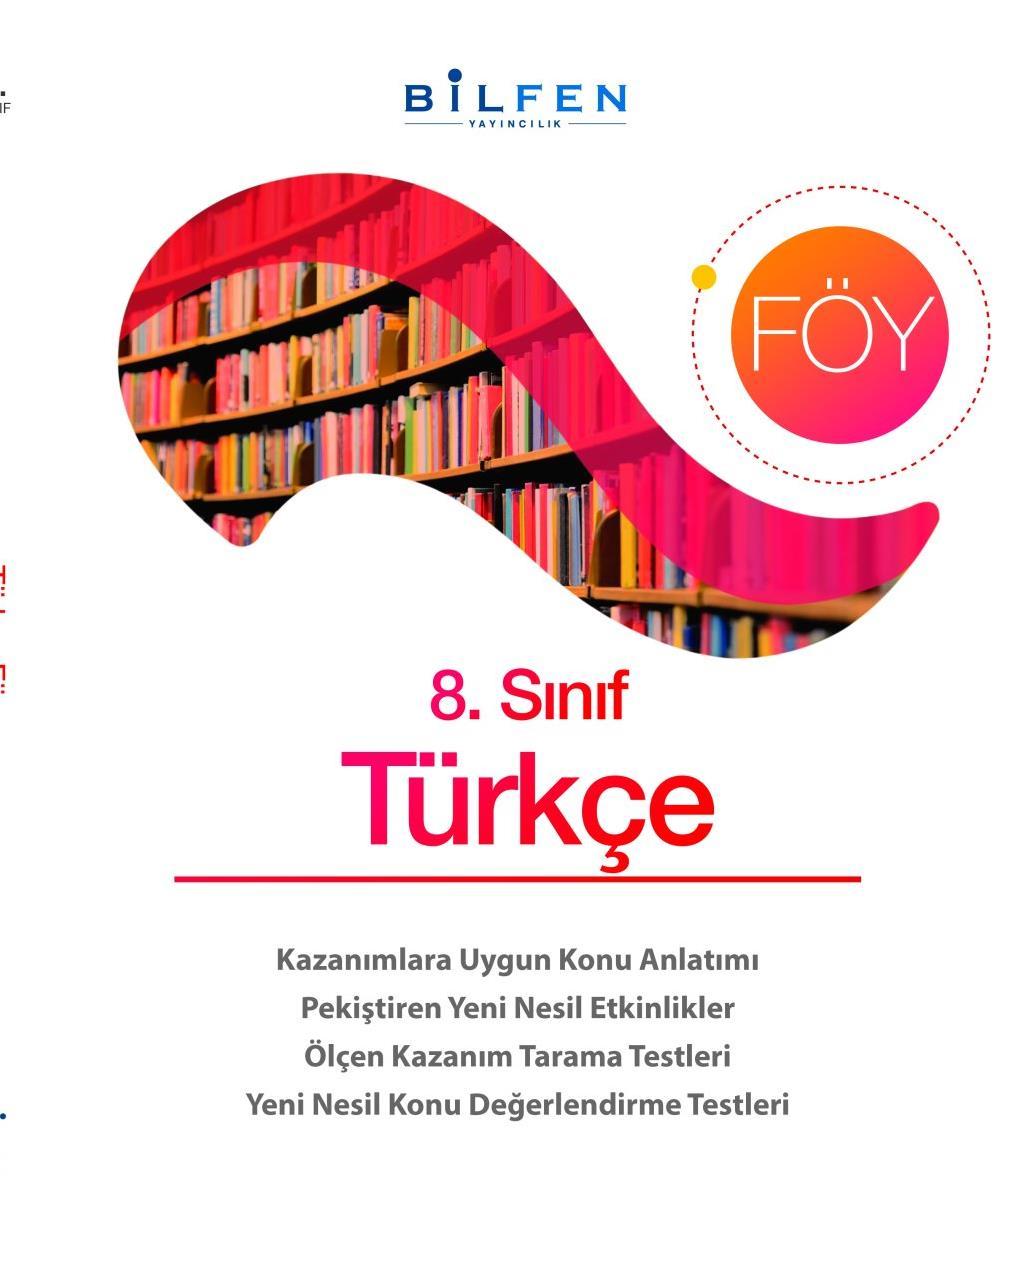 8. Sınıf Türkçe Öğrenim Öğrenim Föylerileri Bilfen Yayıncılık